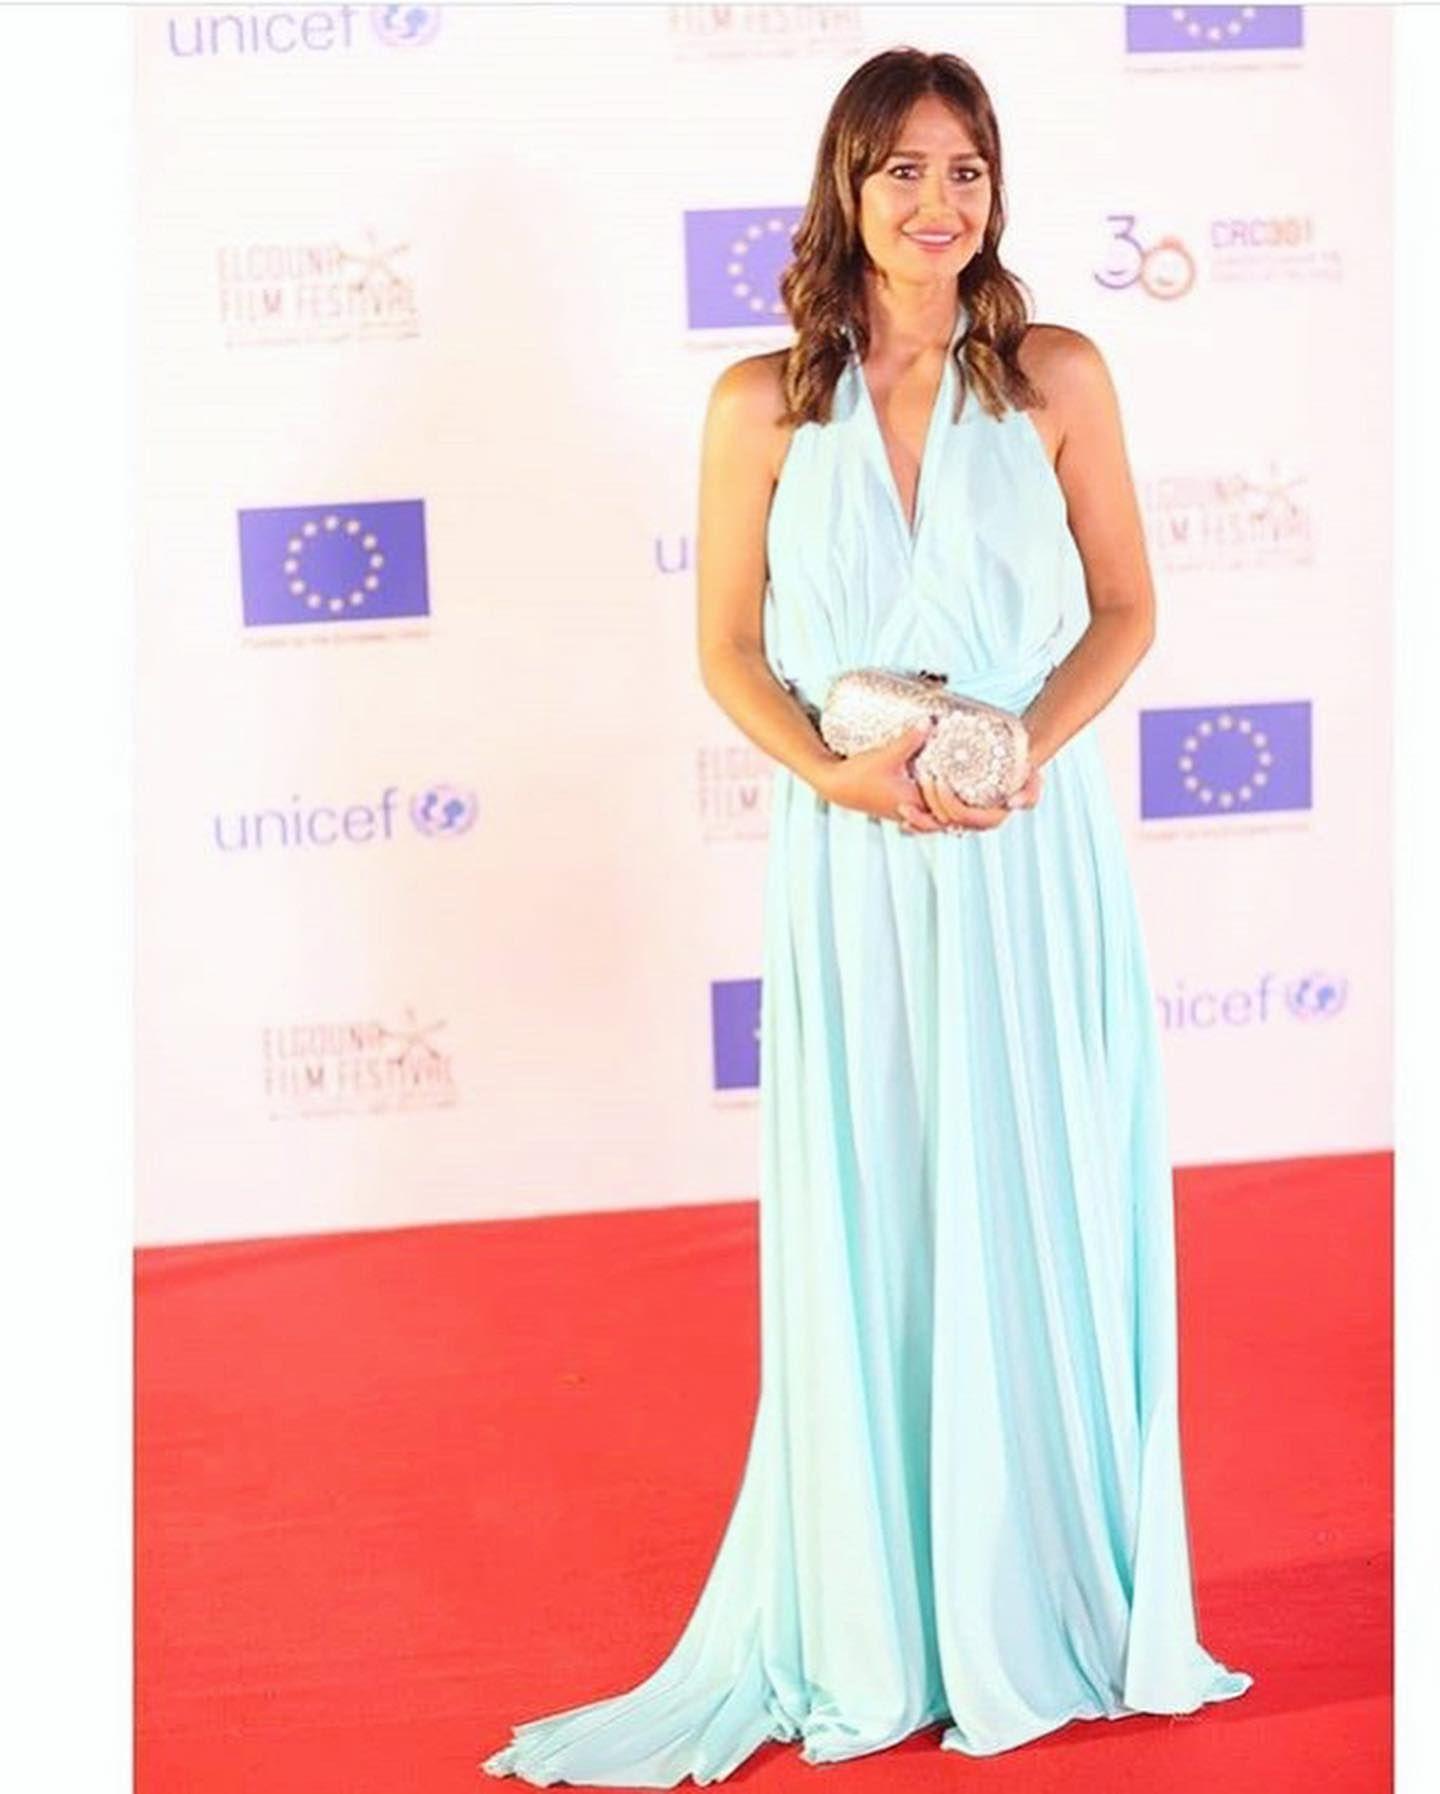 حلا شيحة اختارت فستان ماكسي ناعم باللون الأزرق